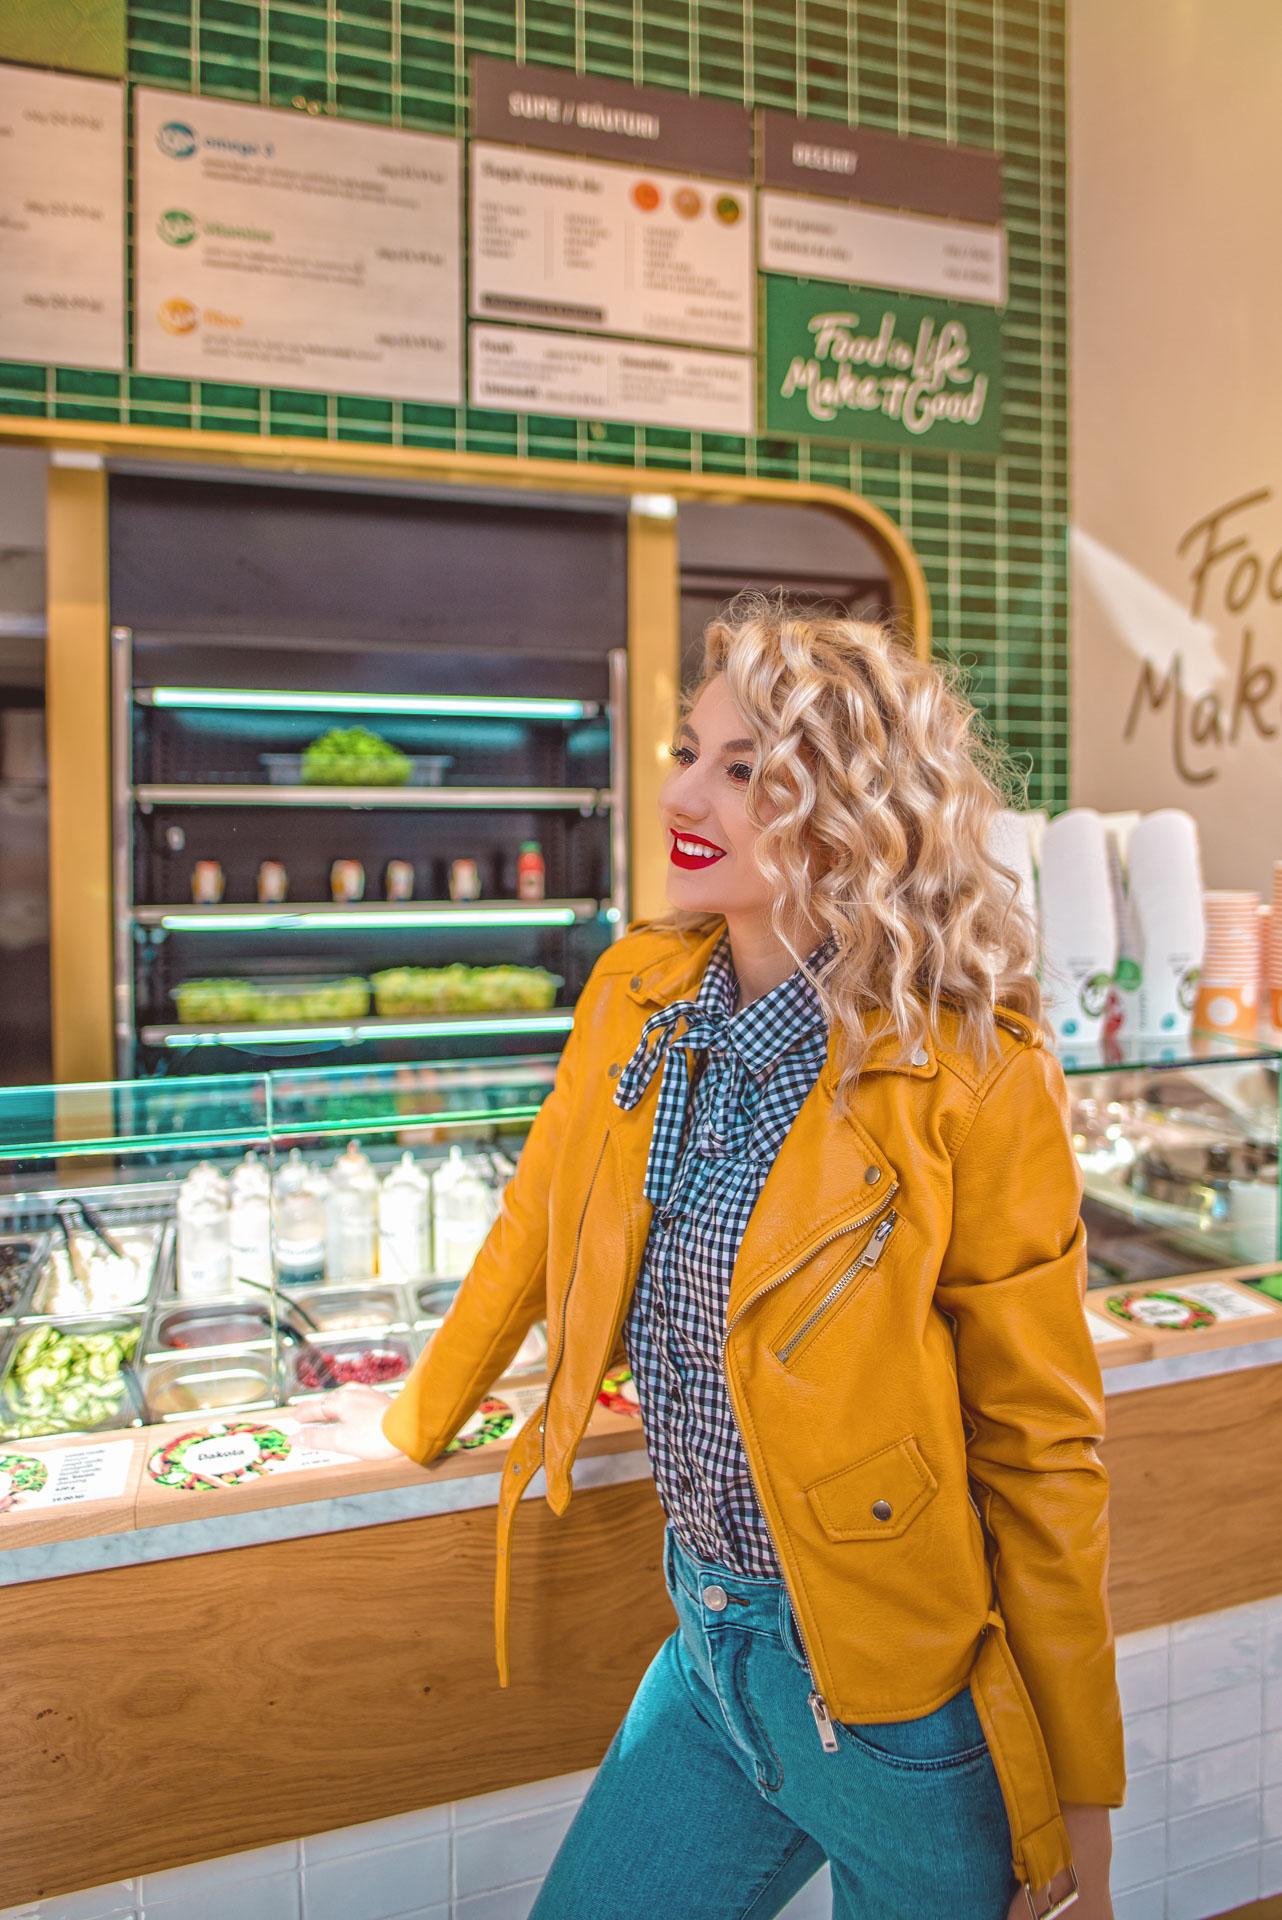 Unde mananc sanatos si gustos? - Salad Box Oradea Republicii